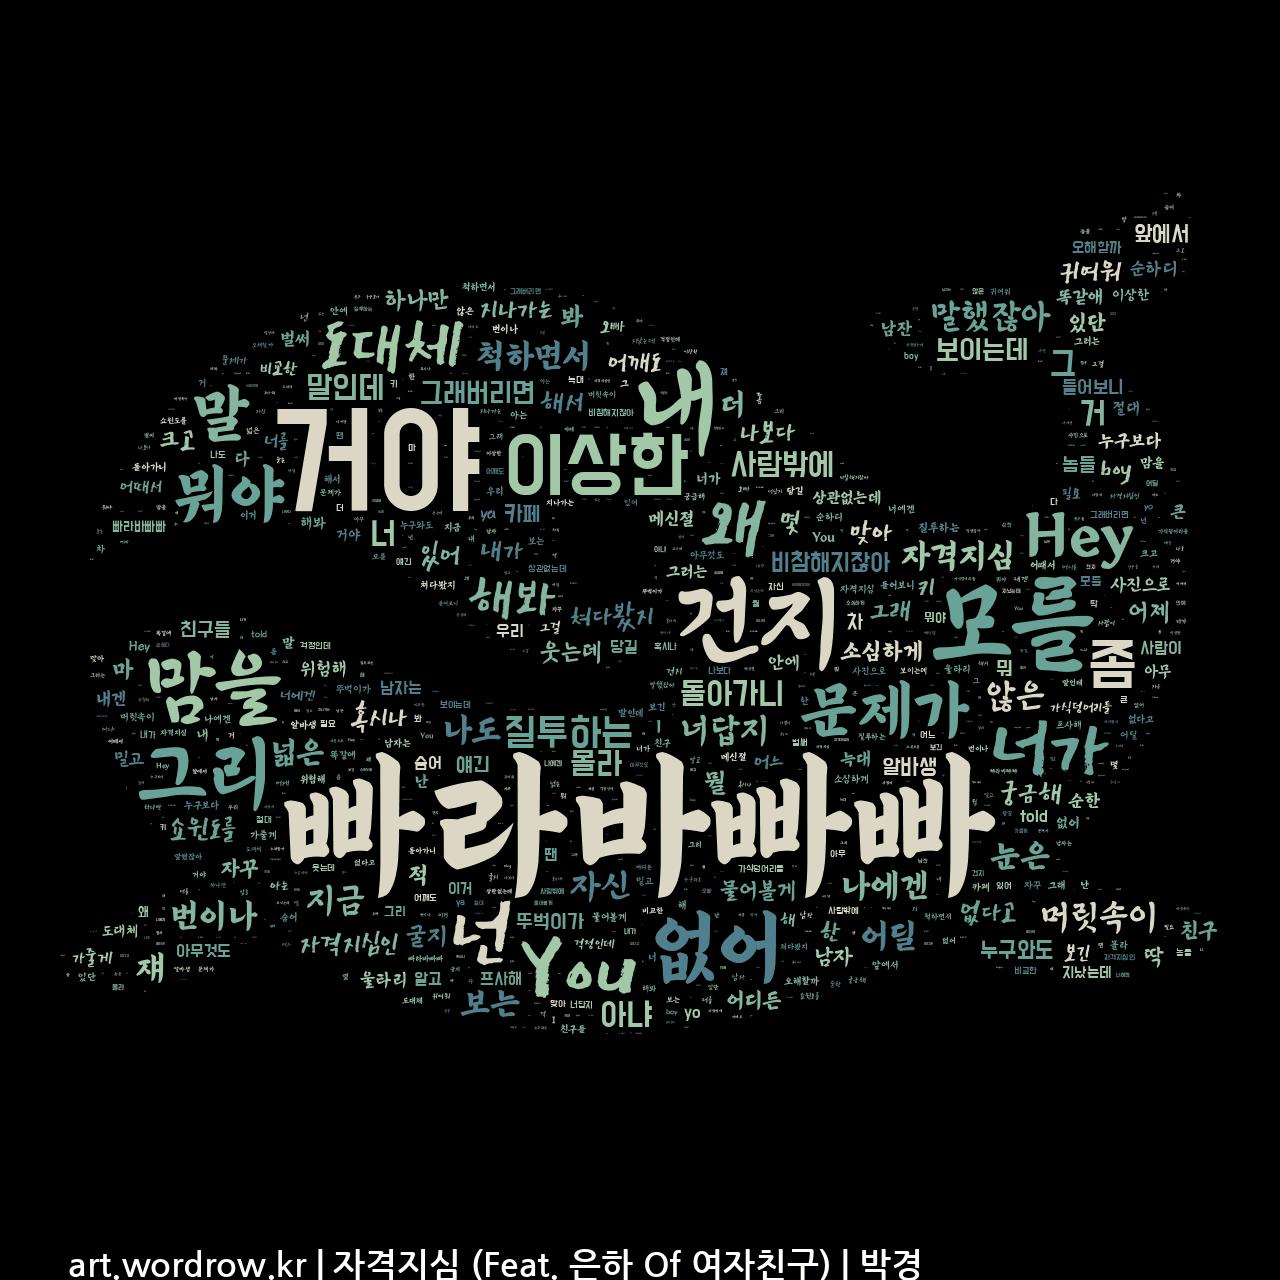 워드 클라우드: 자격지심 (Feat. 은하 Of 여자친구) [박경]-62